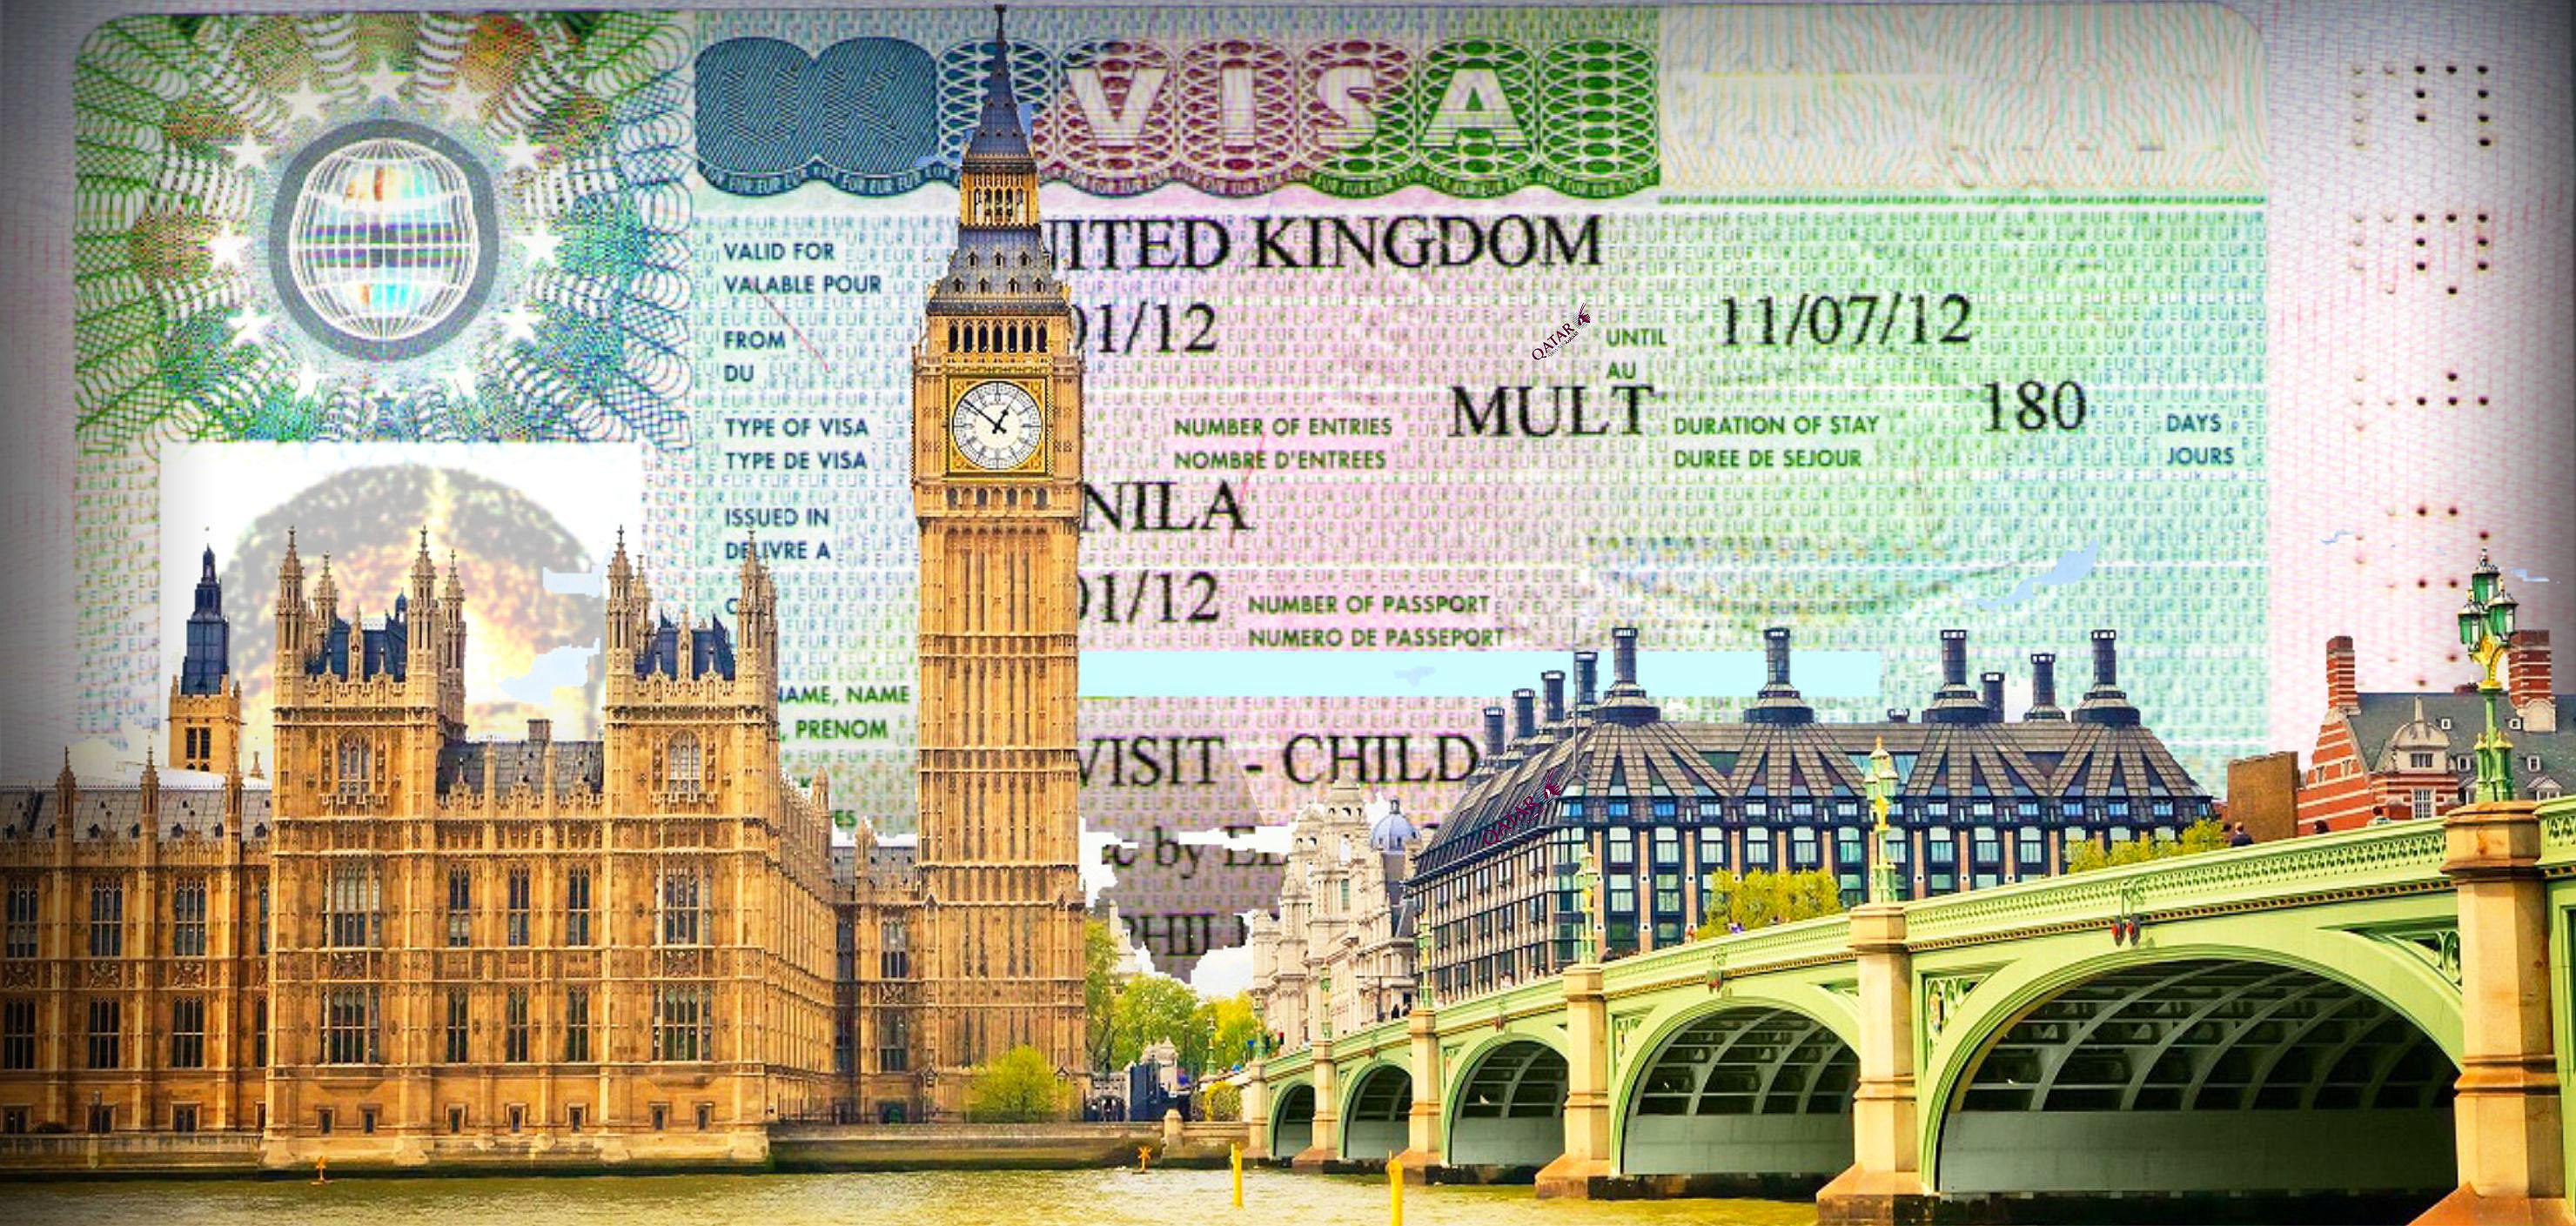 Amerika vizesi amerikaya gitmek için ne gibi belgeler gereklidir